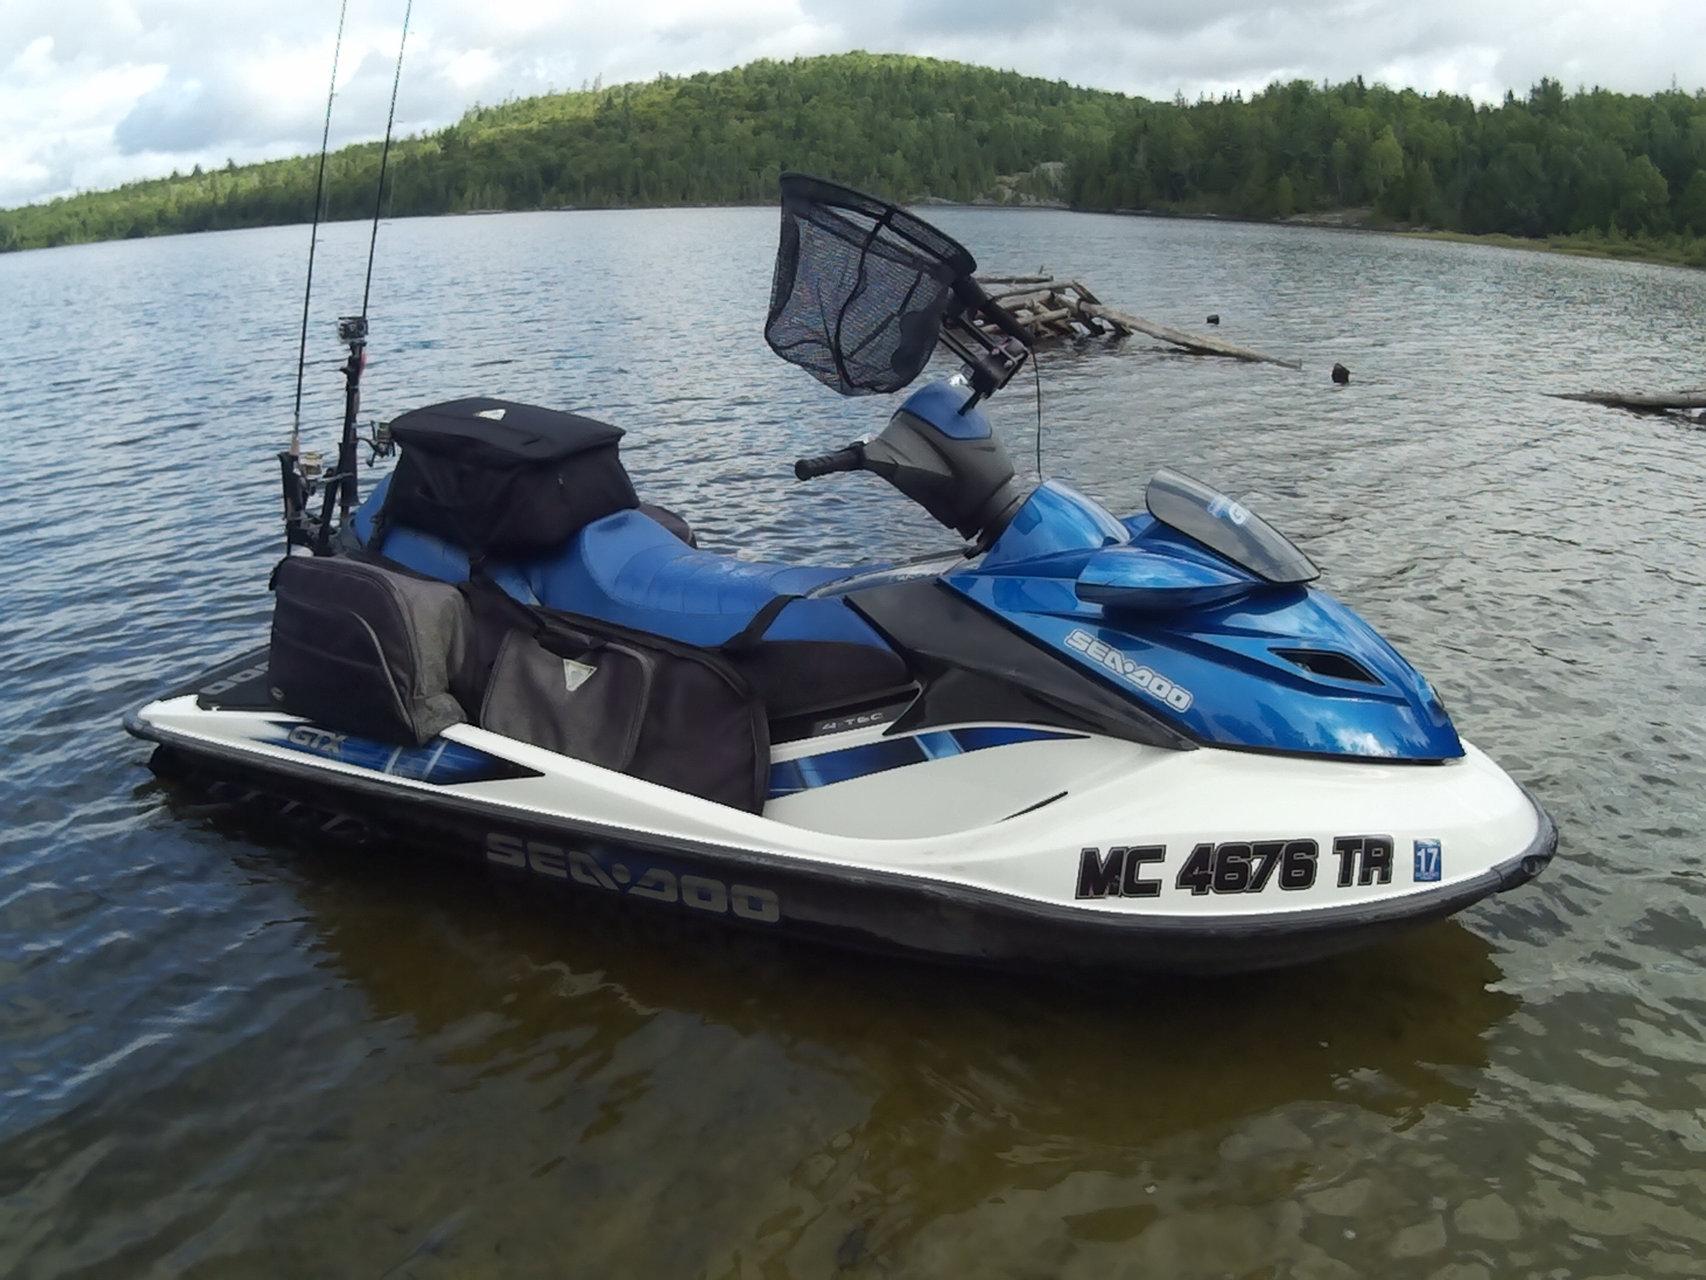 Jet ski fishing equipment maverick fish hunter michigan for Jet ski fishing setup